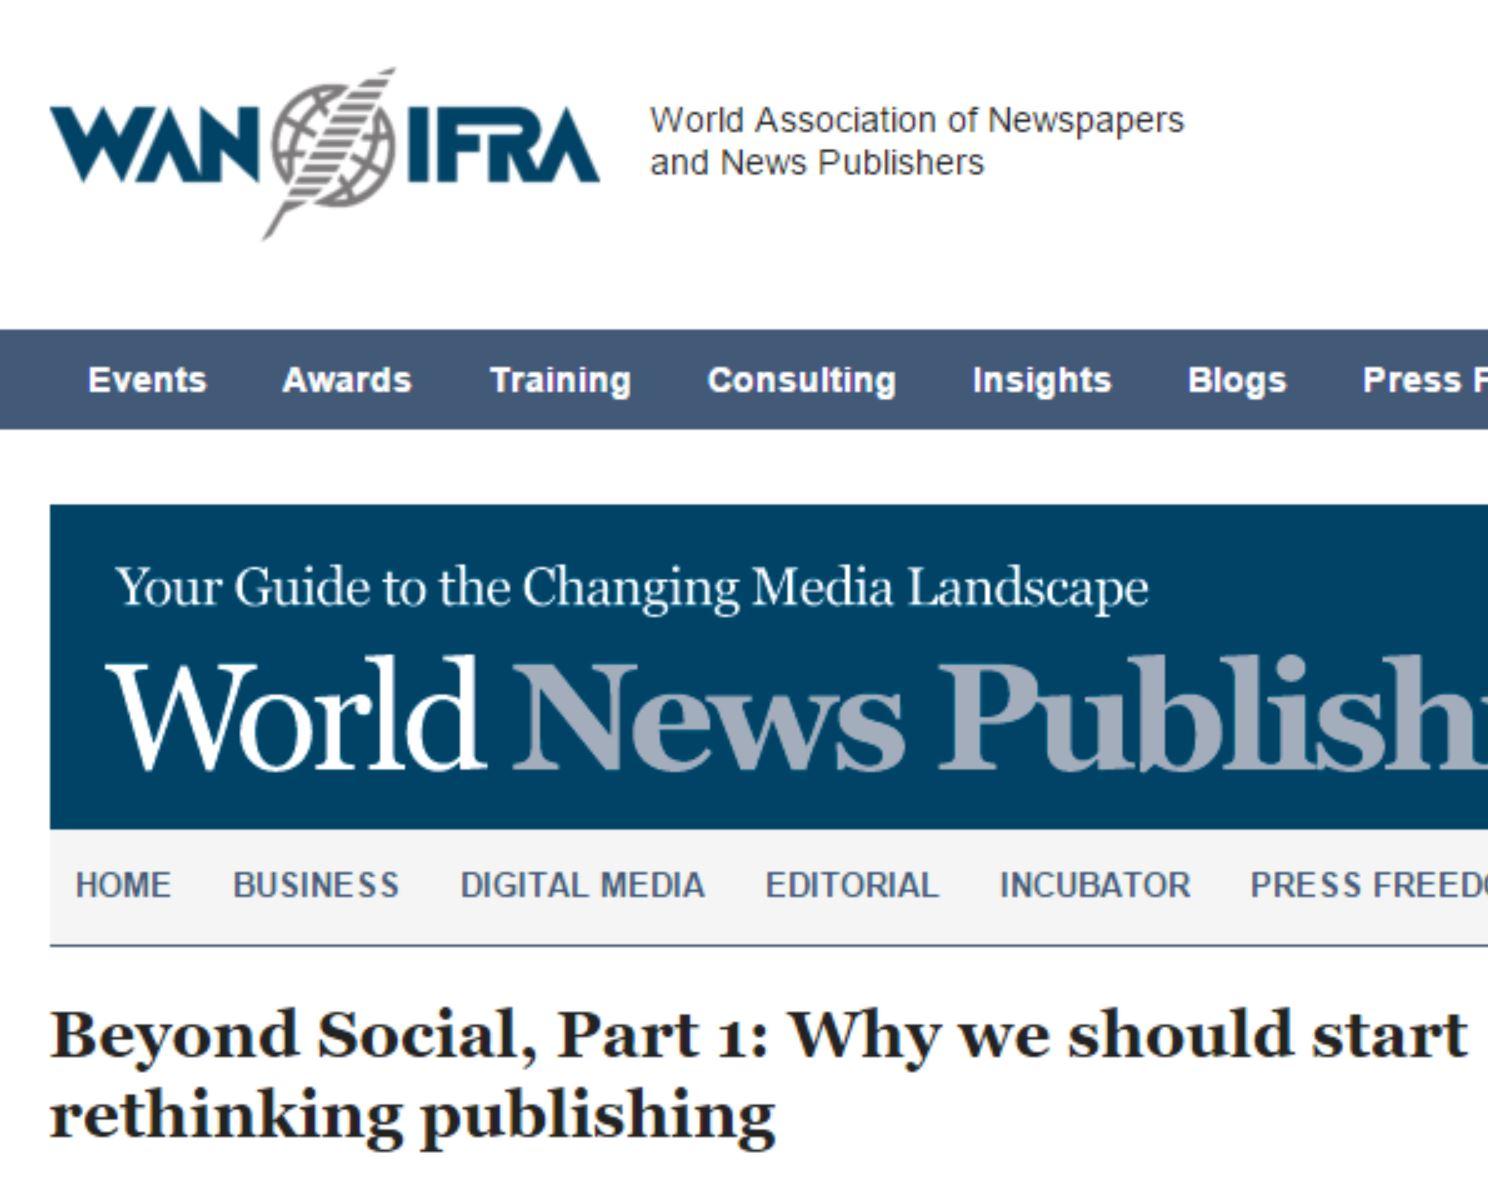 Why we should start rethinking publishing